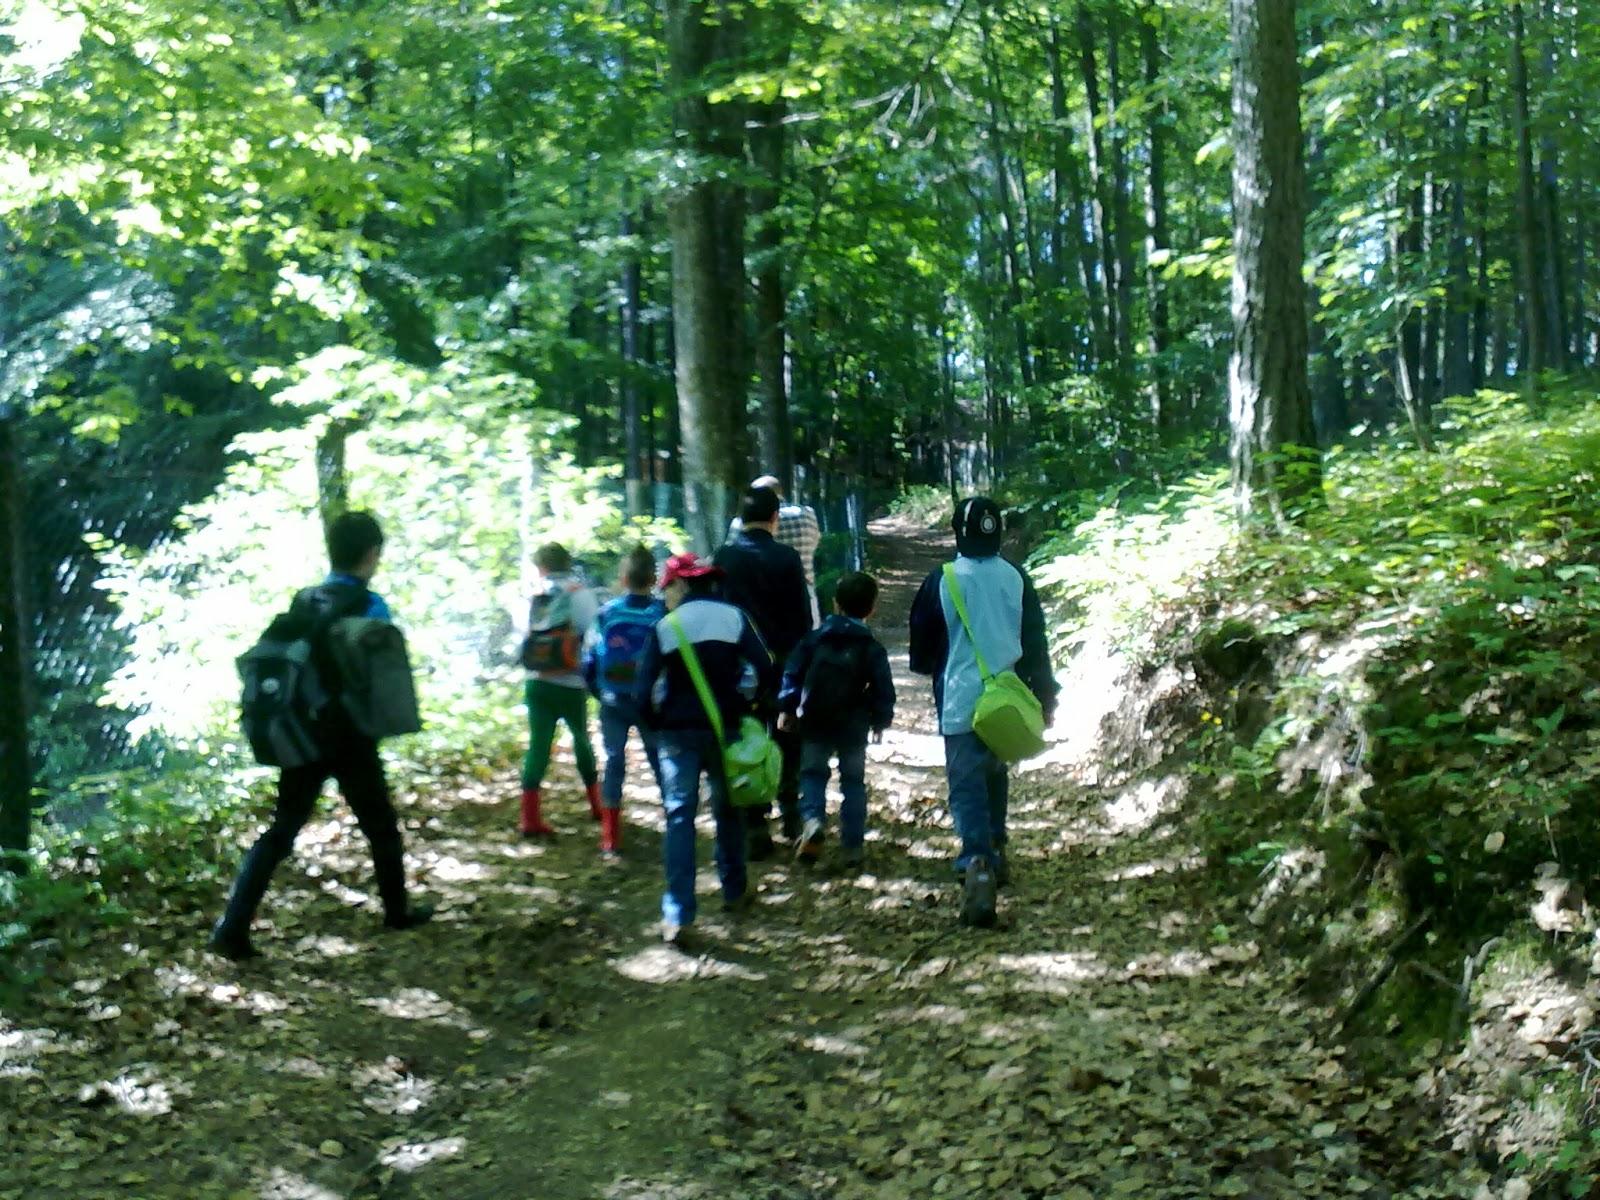 Giardino Pietra Corva : Scuola in valle: visita al giardino botanico di pietra corva